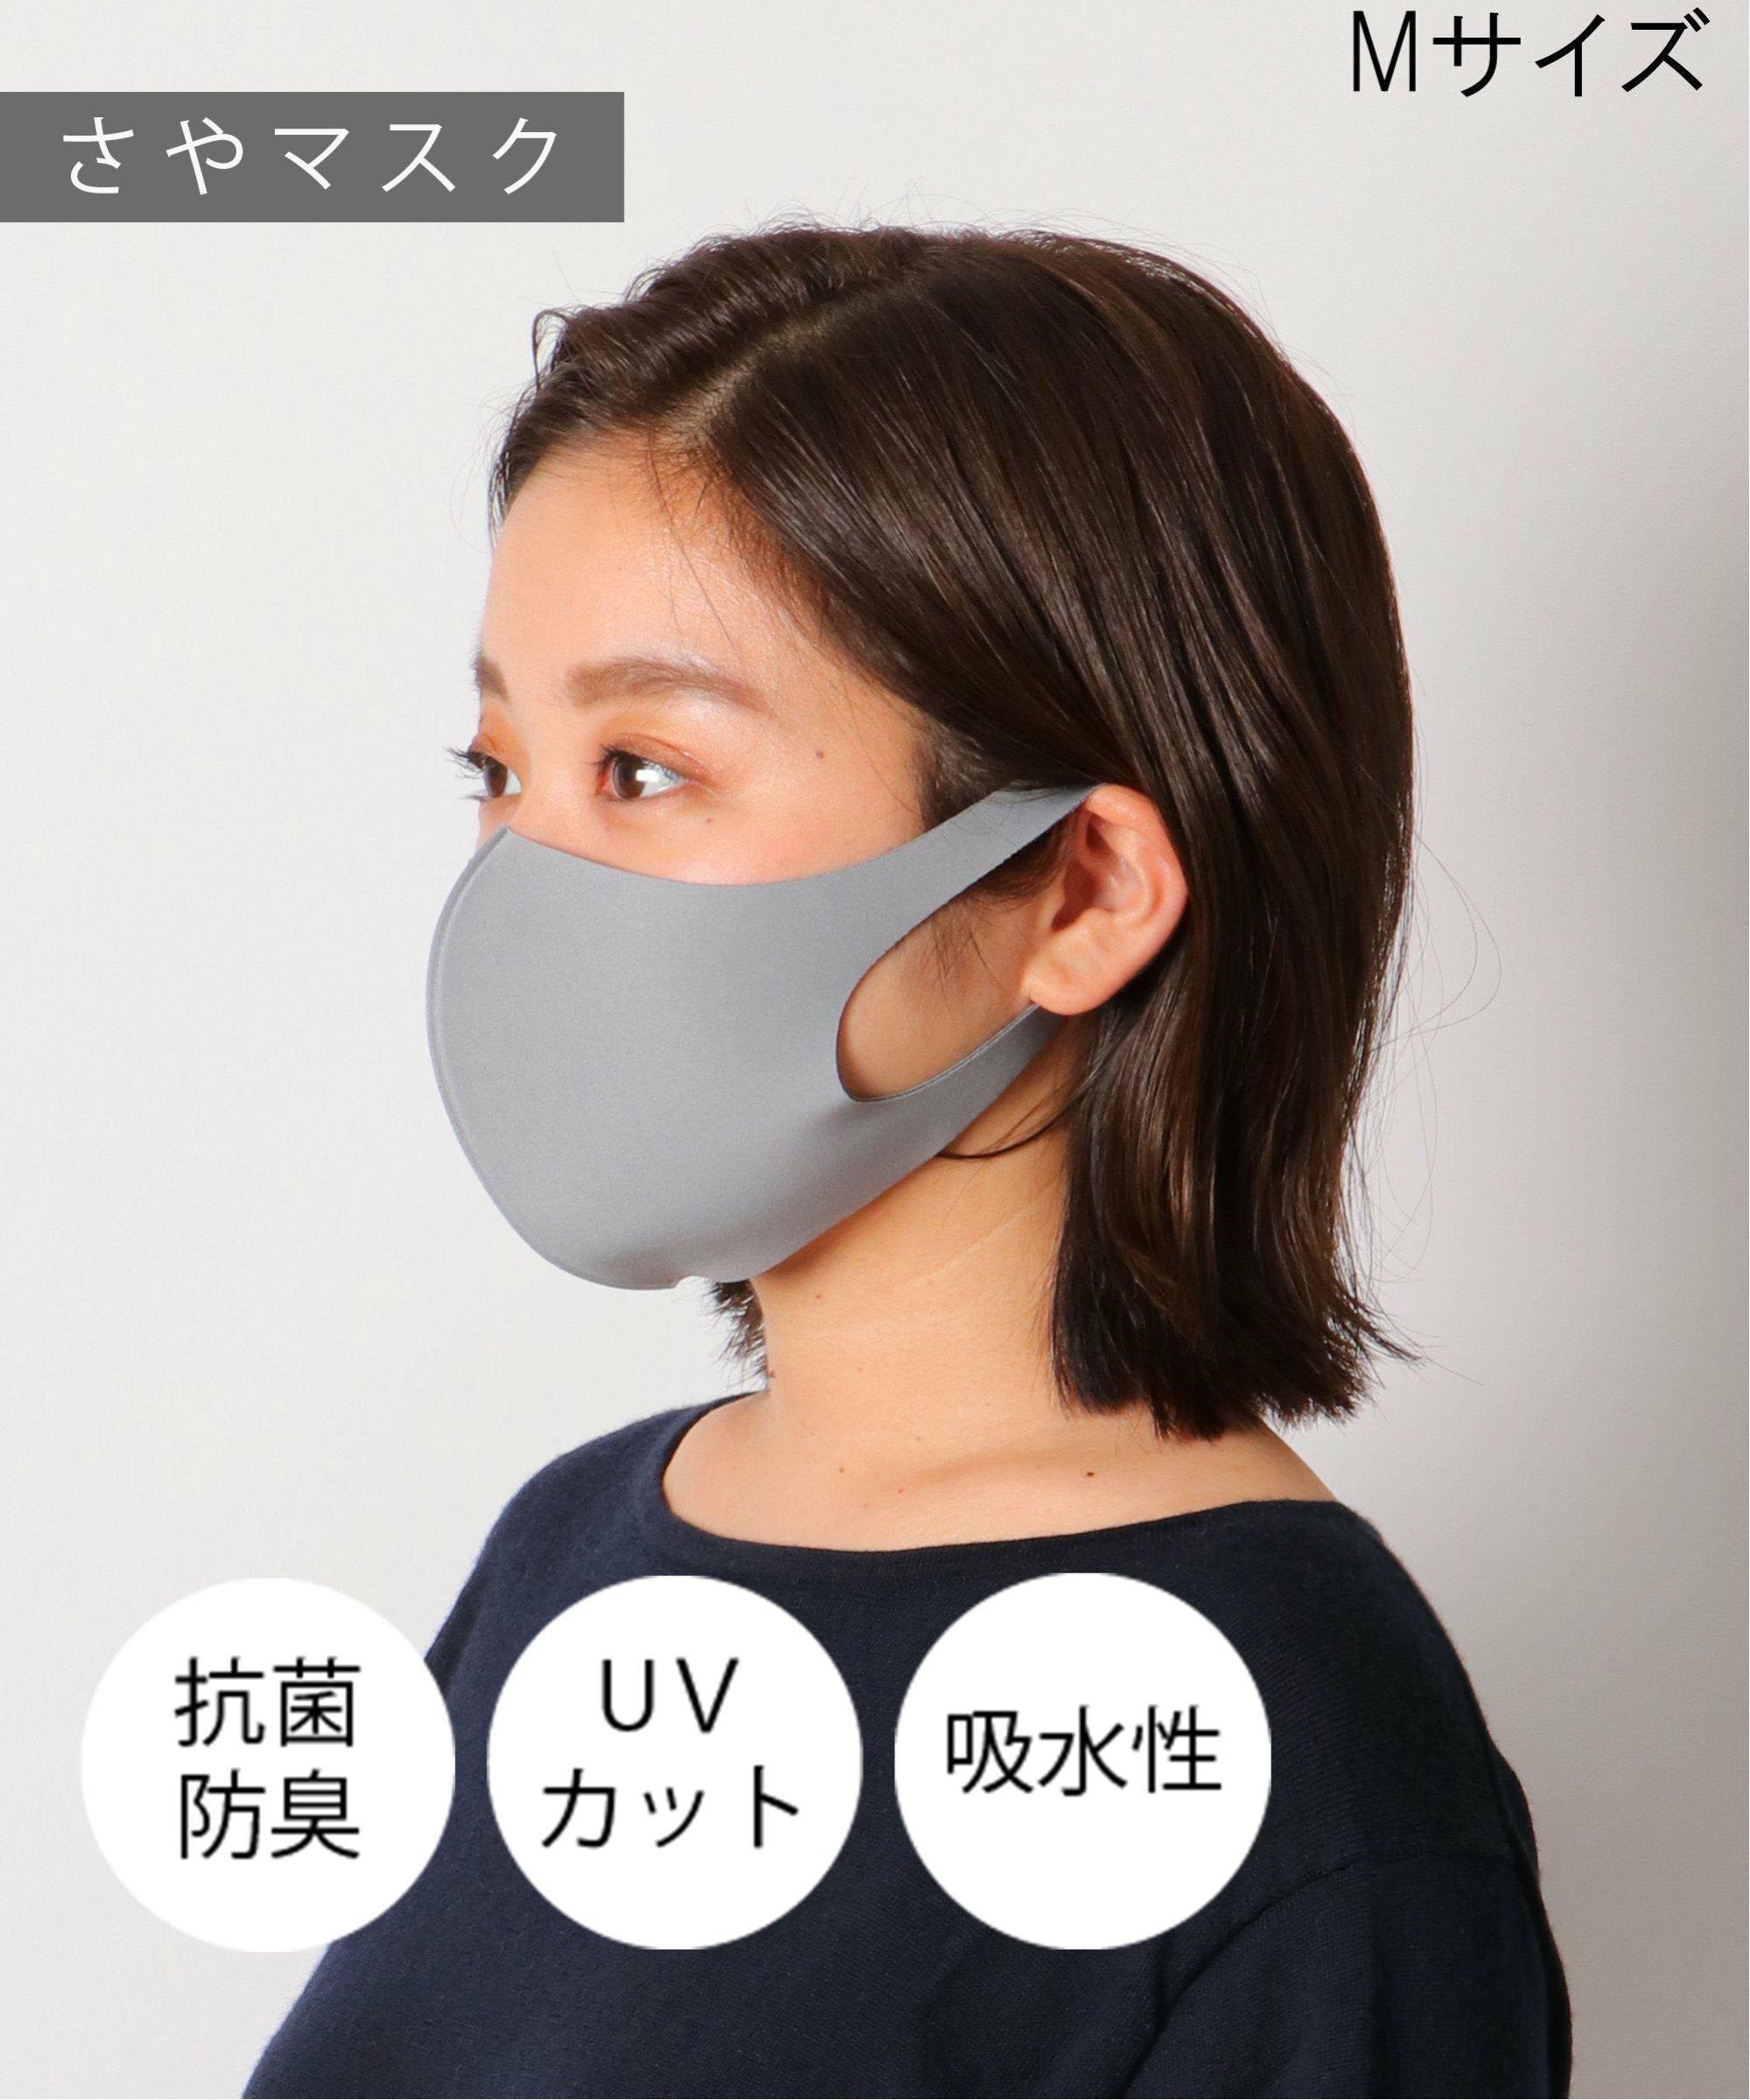 【おとな用】 清マスク(さやマスク) グレー